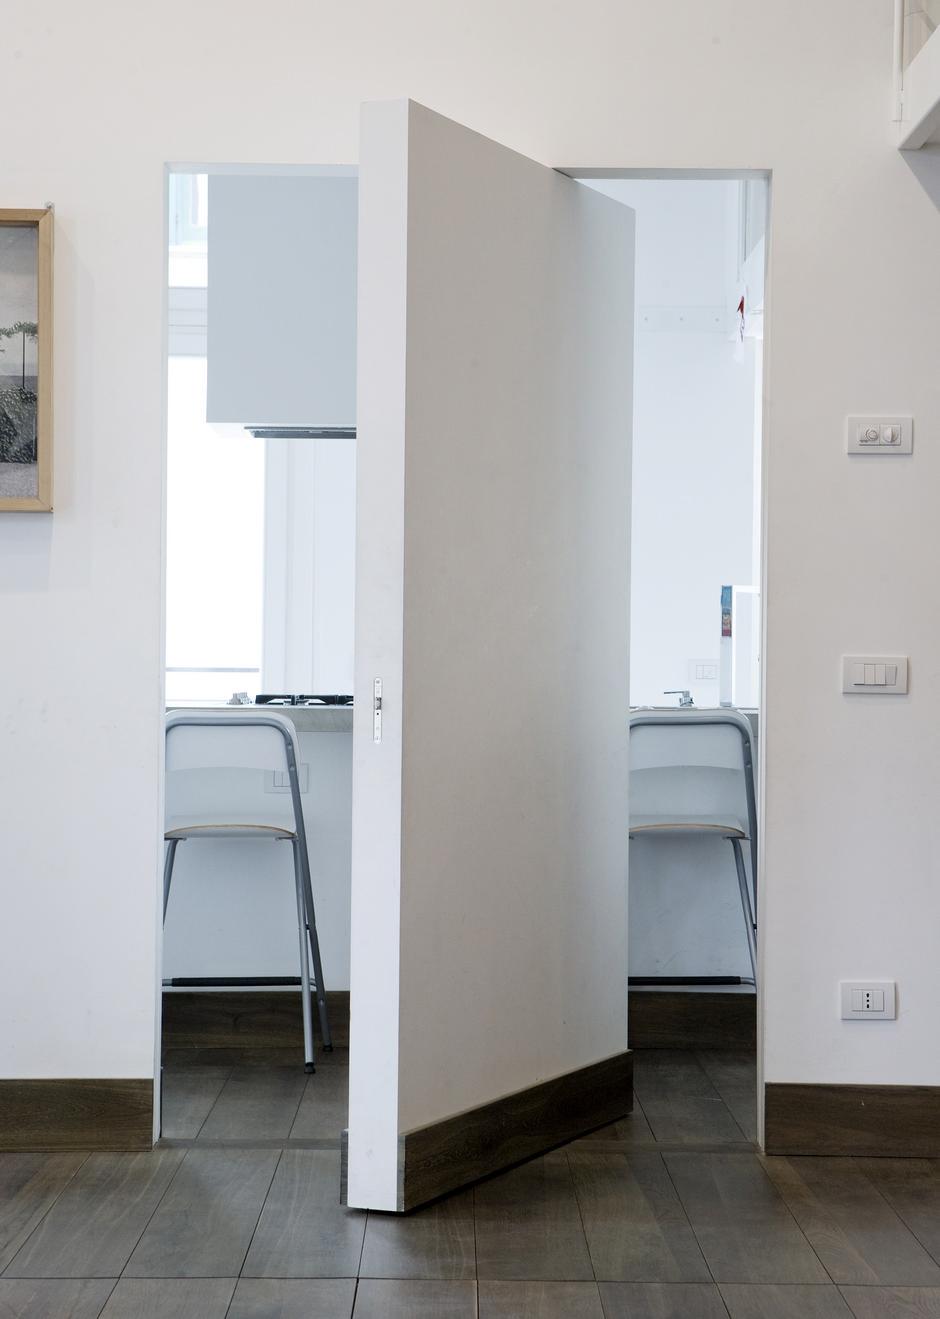 Как замаскировать дверь в интерьере?